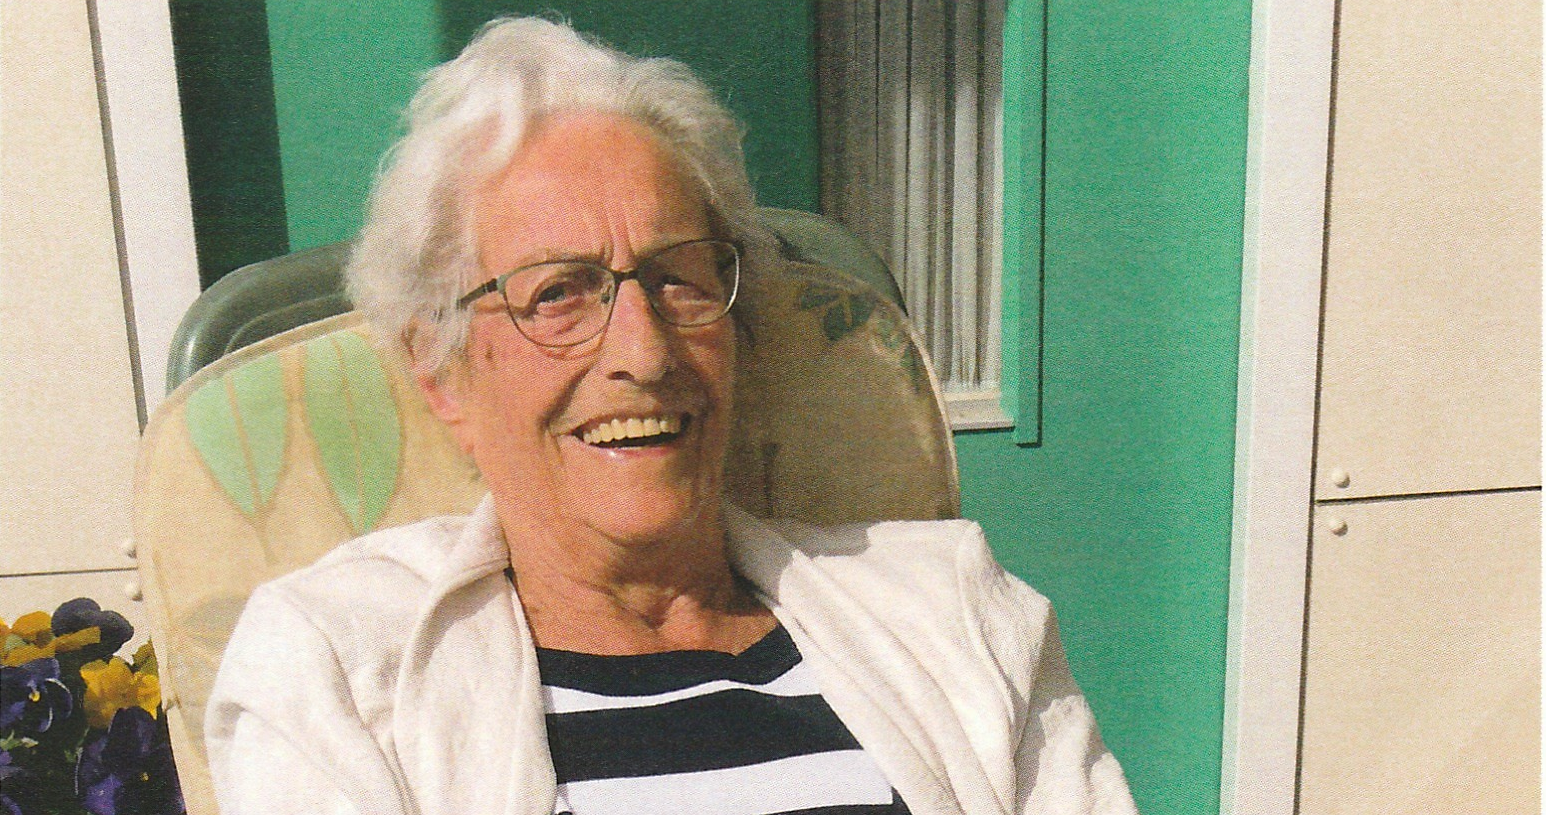 Mevrouw Gré Twisk - Ruiter overleden